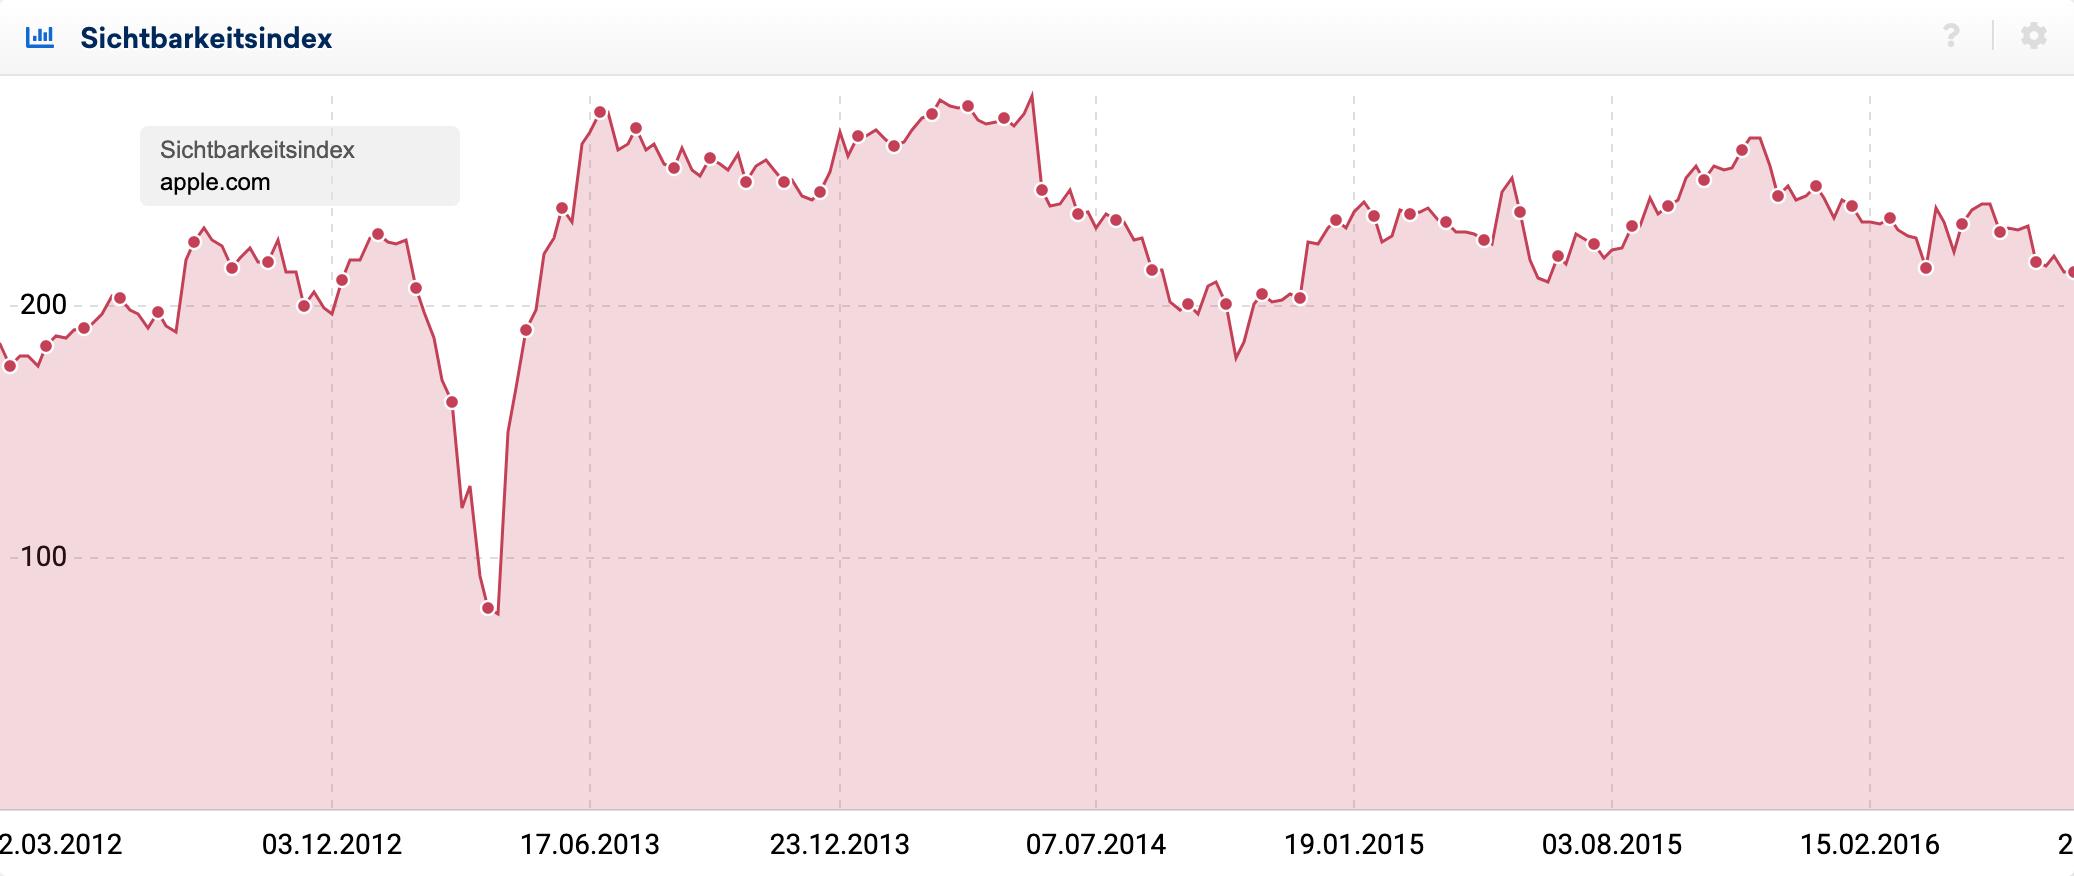 Herangezoomter Verlauf des Sichtbarkeitsindex für apple.com.